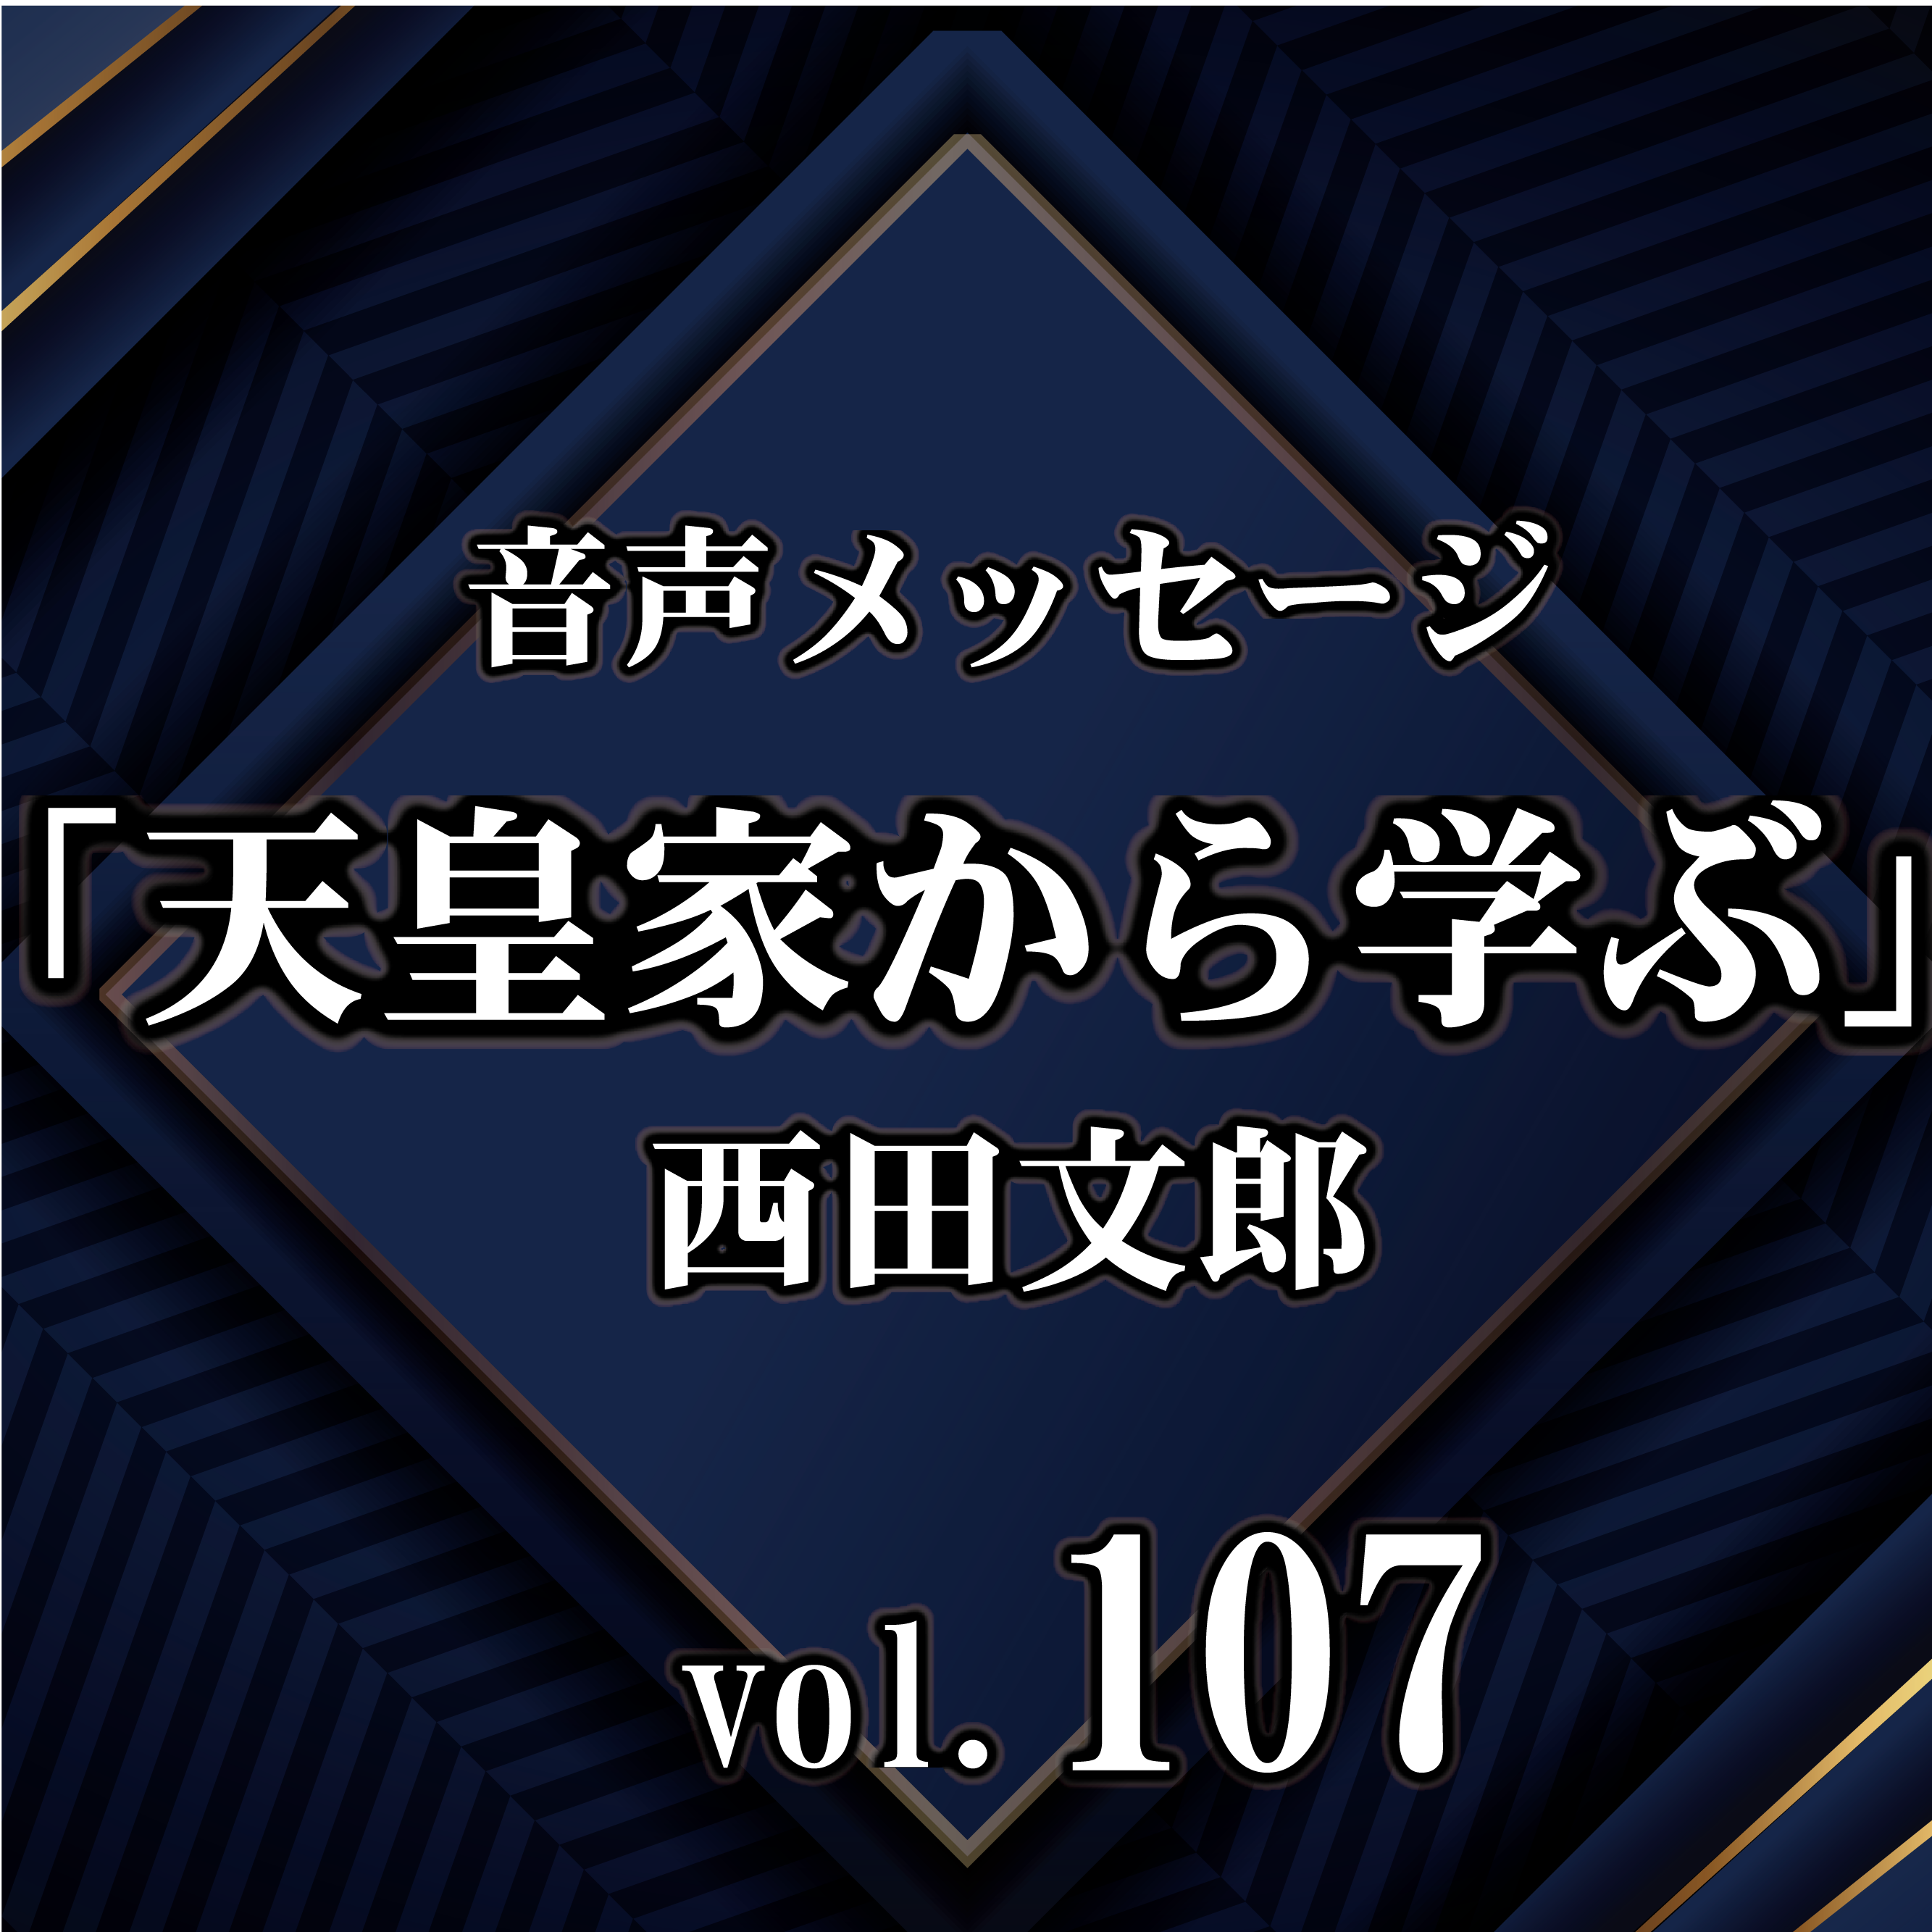 西田文郎 音声メッセージvol.107『天皇家から学ぶ』